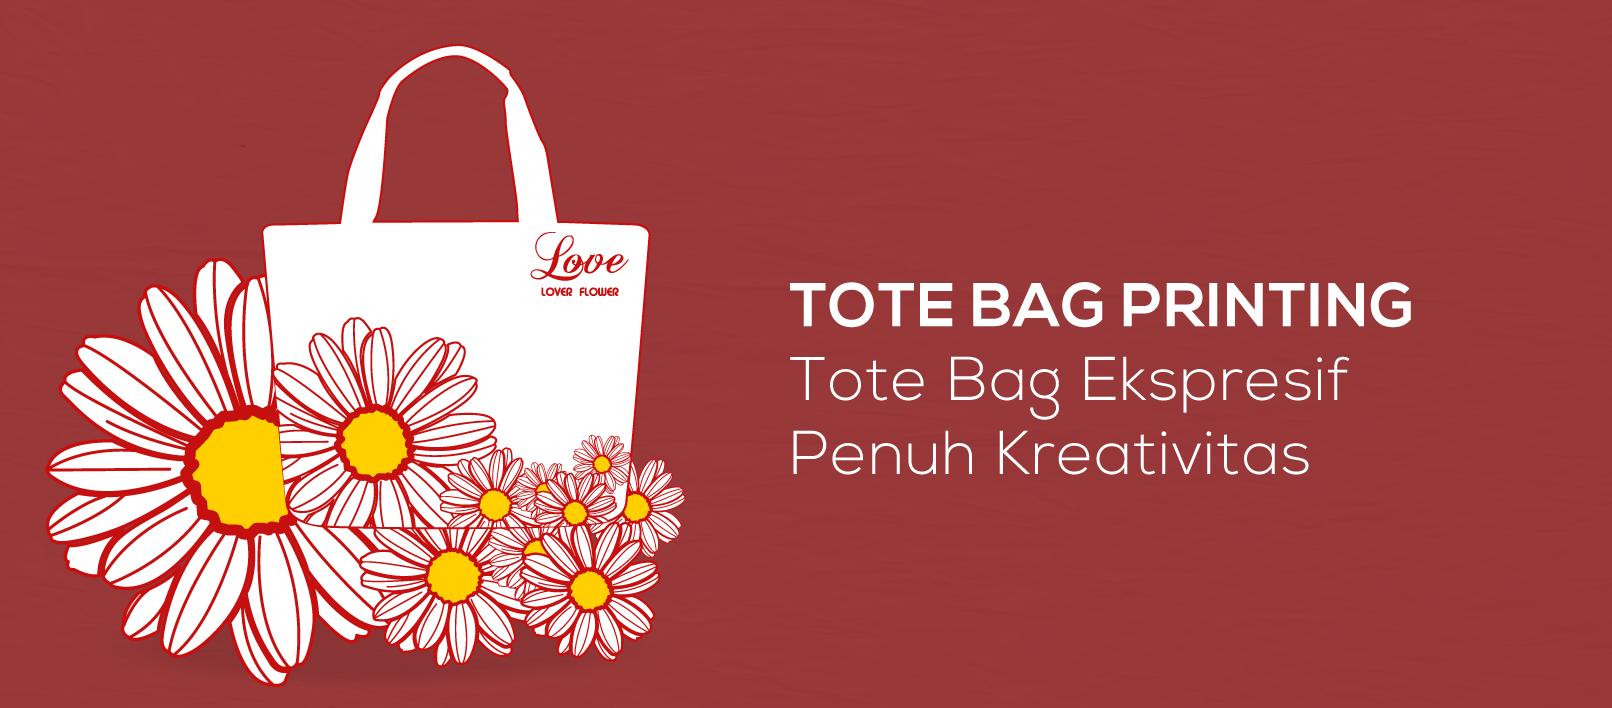 Tote Bag Printing, Tote Bag Ekspresif Penuh Kreativitas